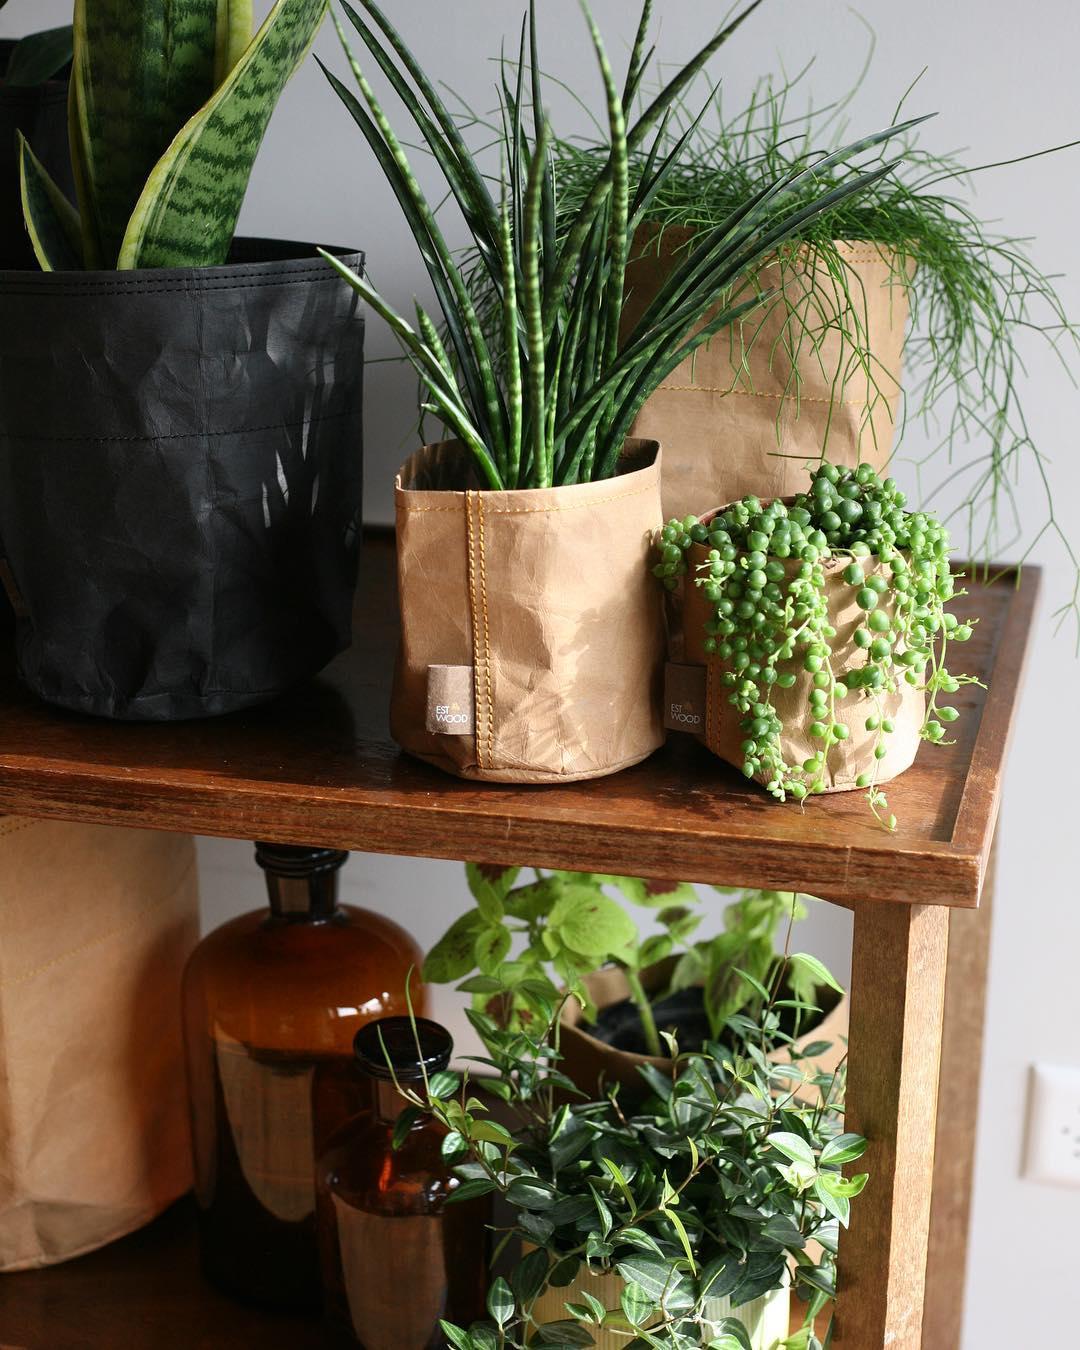 Hârtie elegantă cachapo în interior do-it-yourself Decor Foto